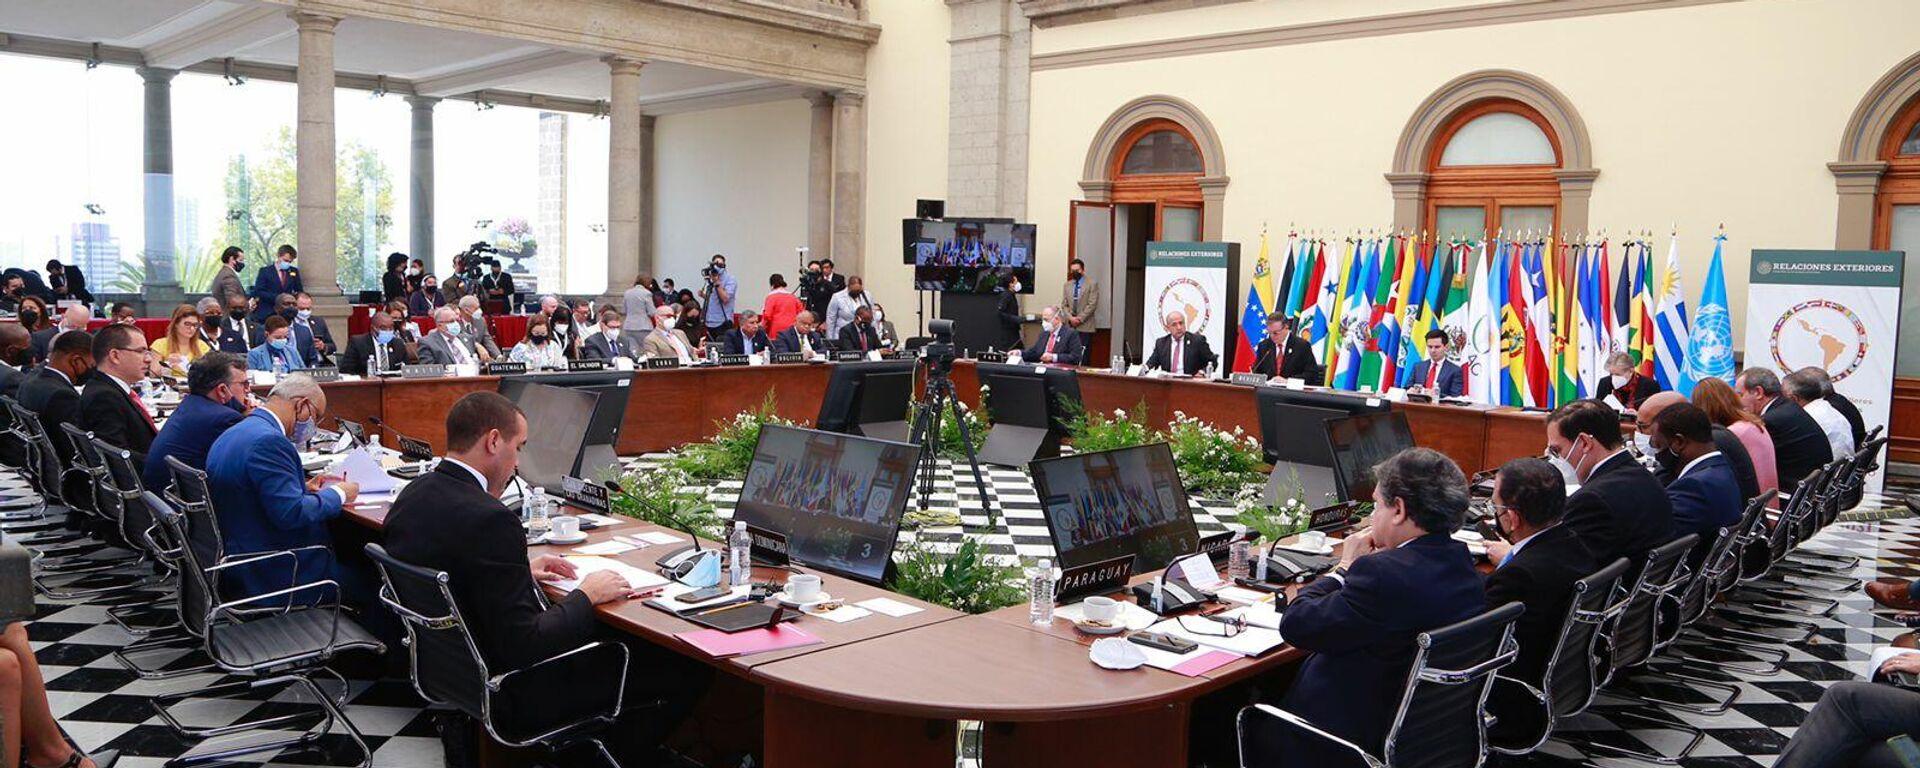 La reunión de cancilleres de la CELAC en Ciudad de México - Sputnik Mundo, 1920, 17.09.2021